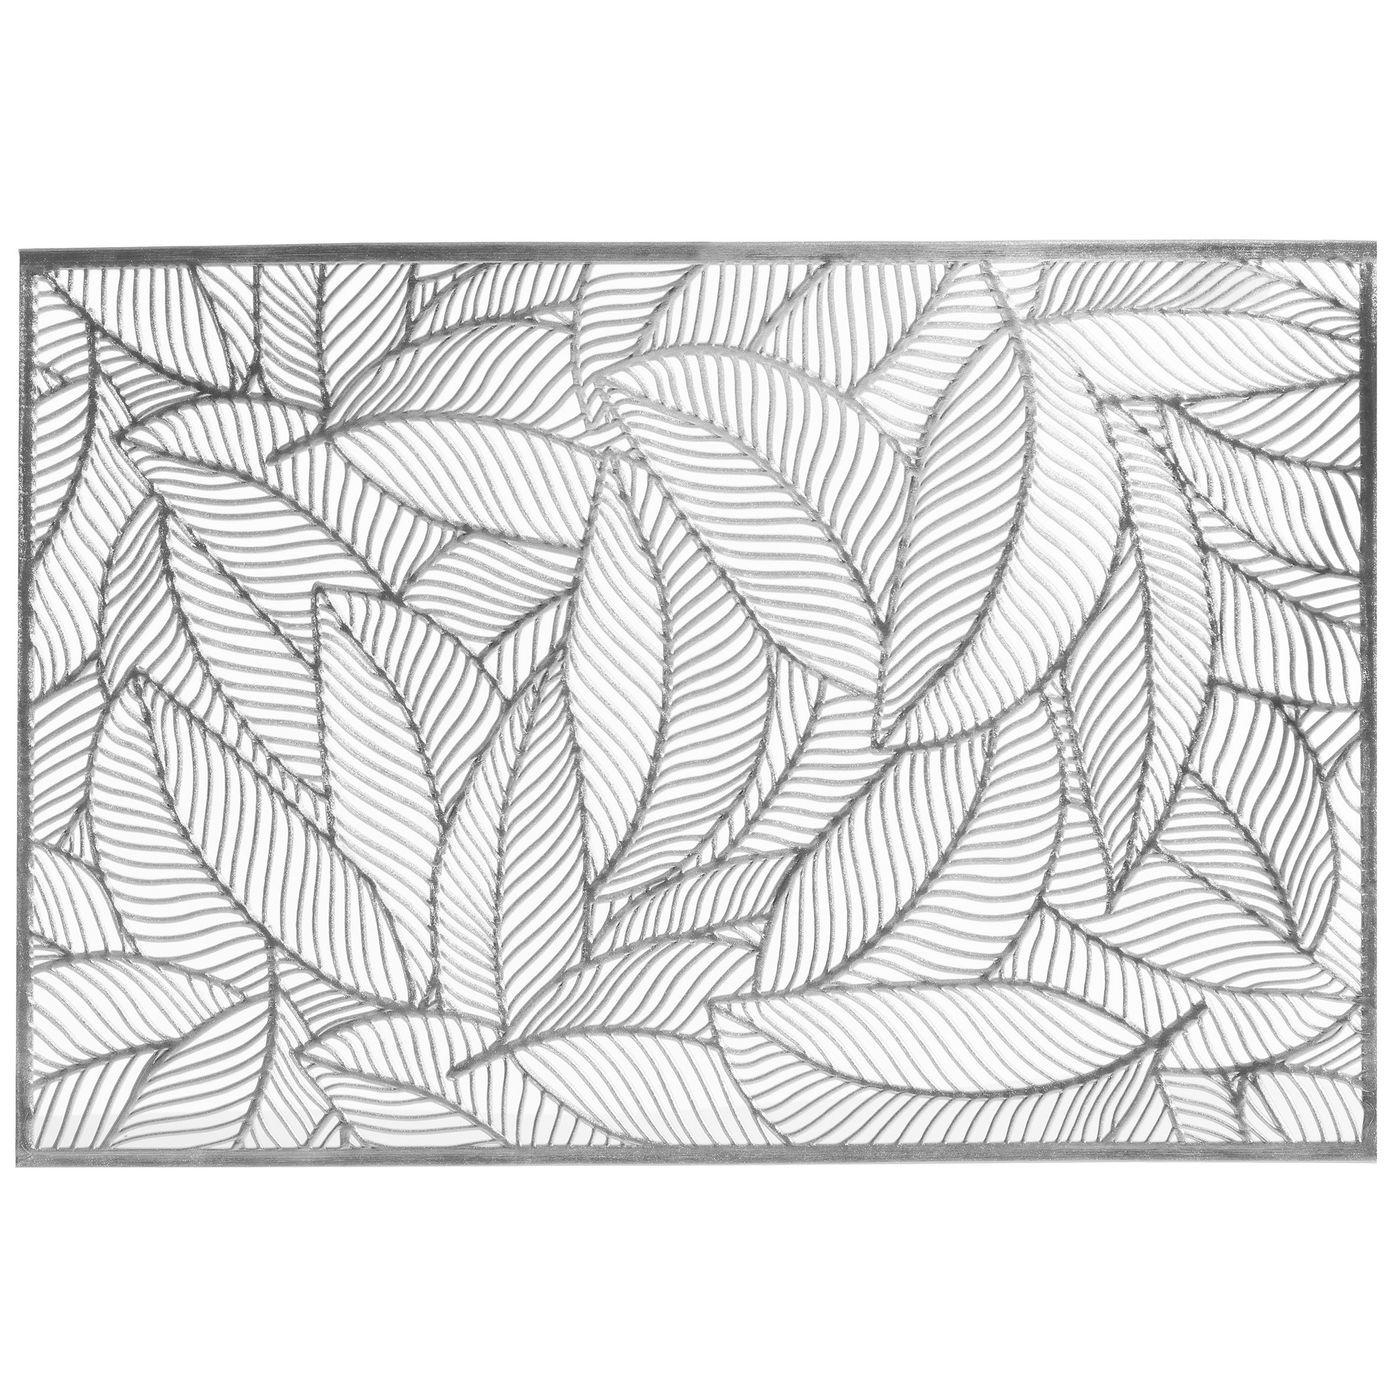 Ażurowa podkładka stołowa srebrne liście palmowe 30x45 cm